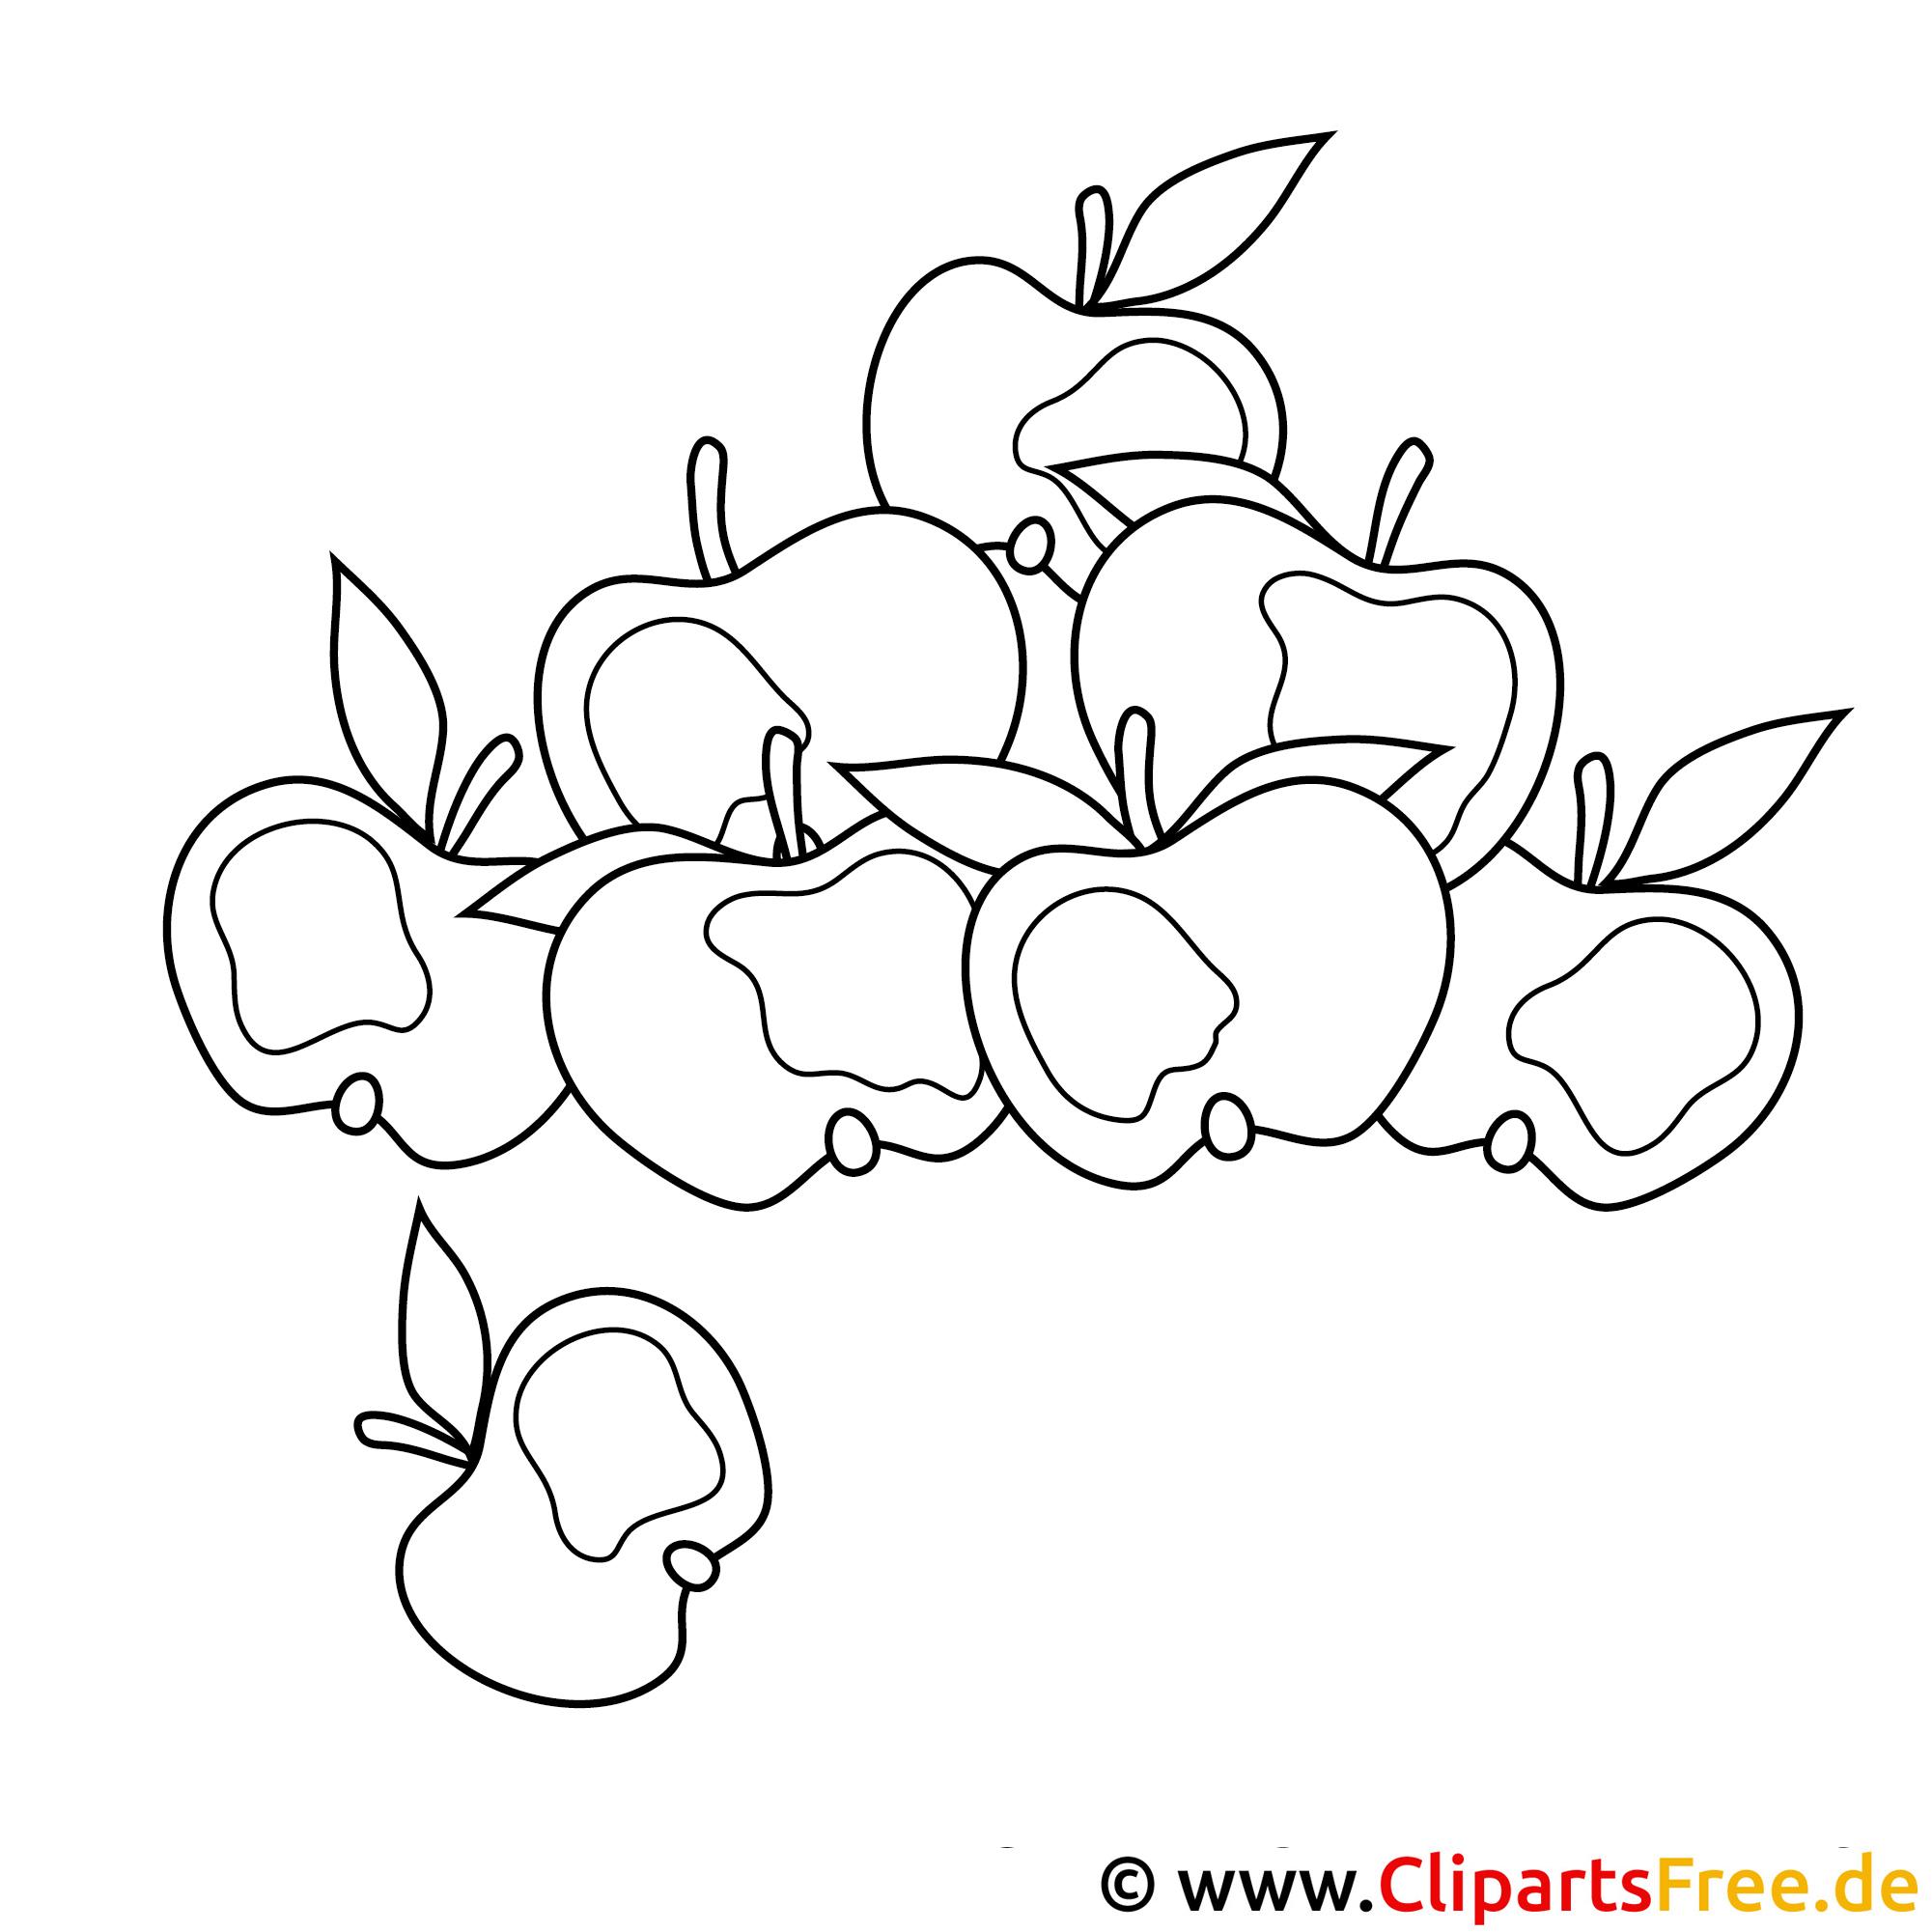 Herbst Malvorlagen - Aepfelernte auf dem Bauernhof